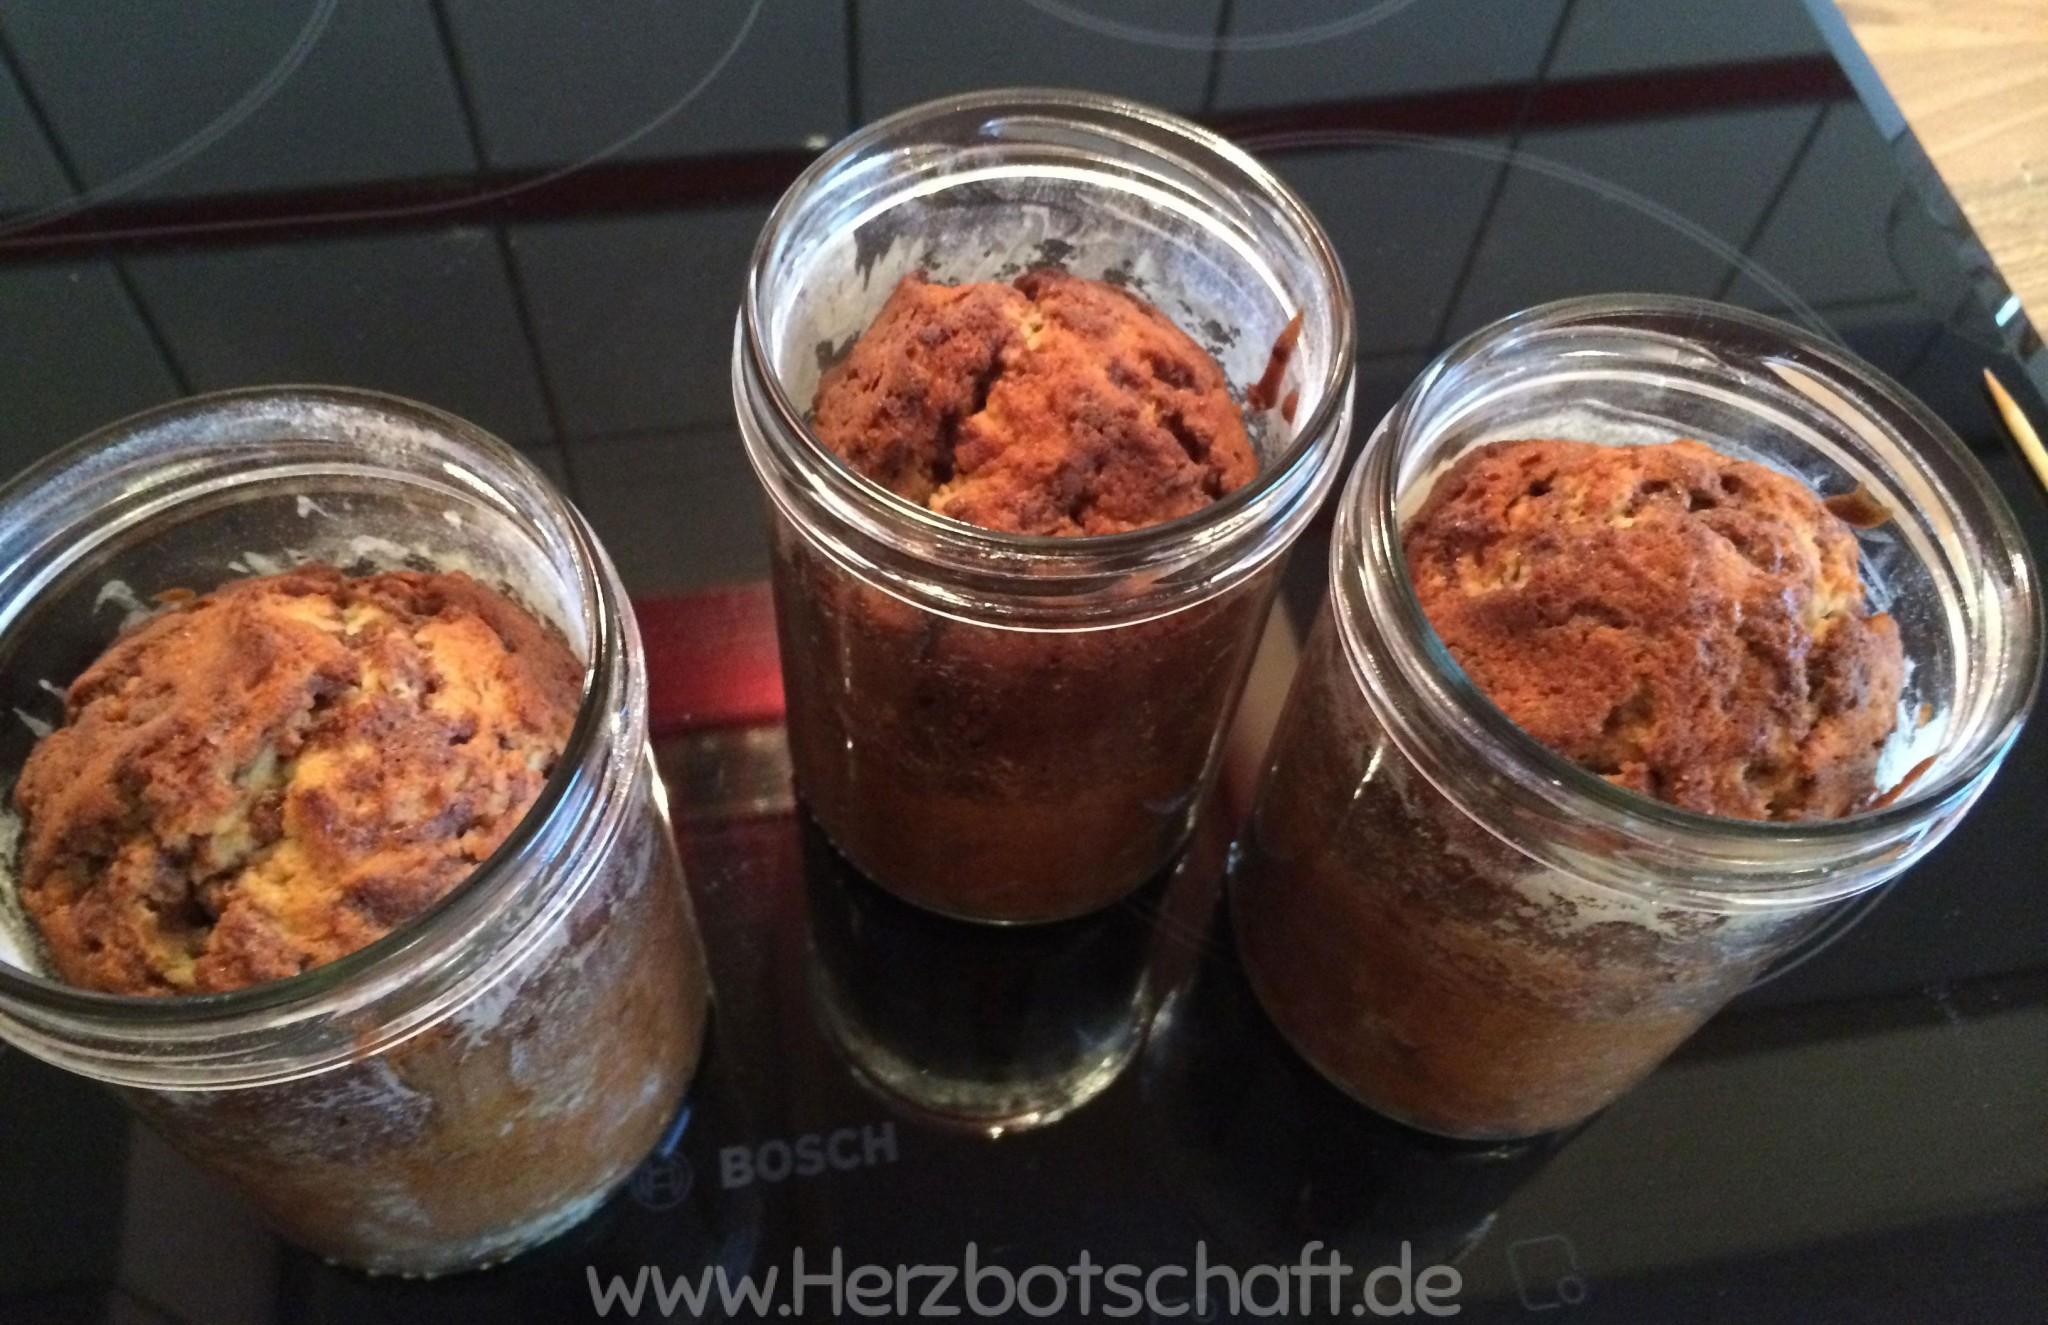 kuchen-im-glas-nach-backen